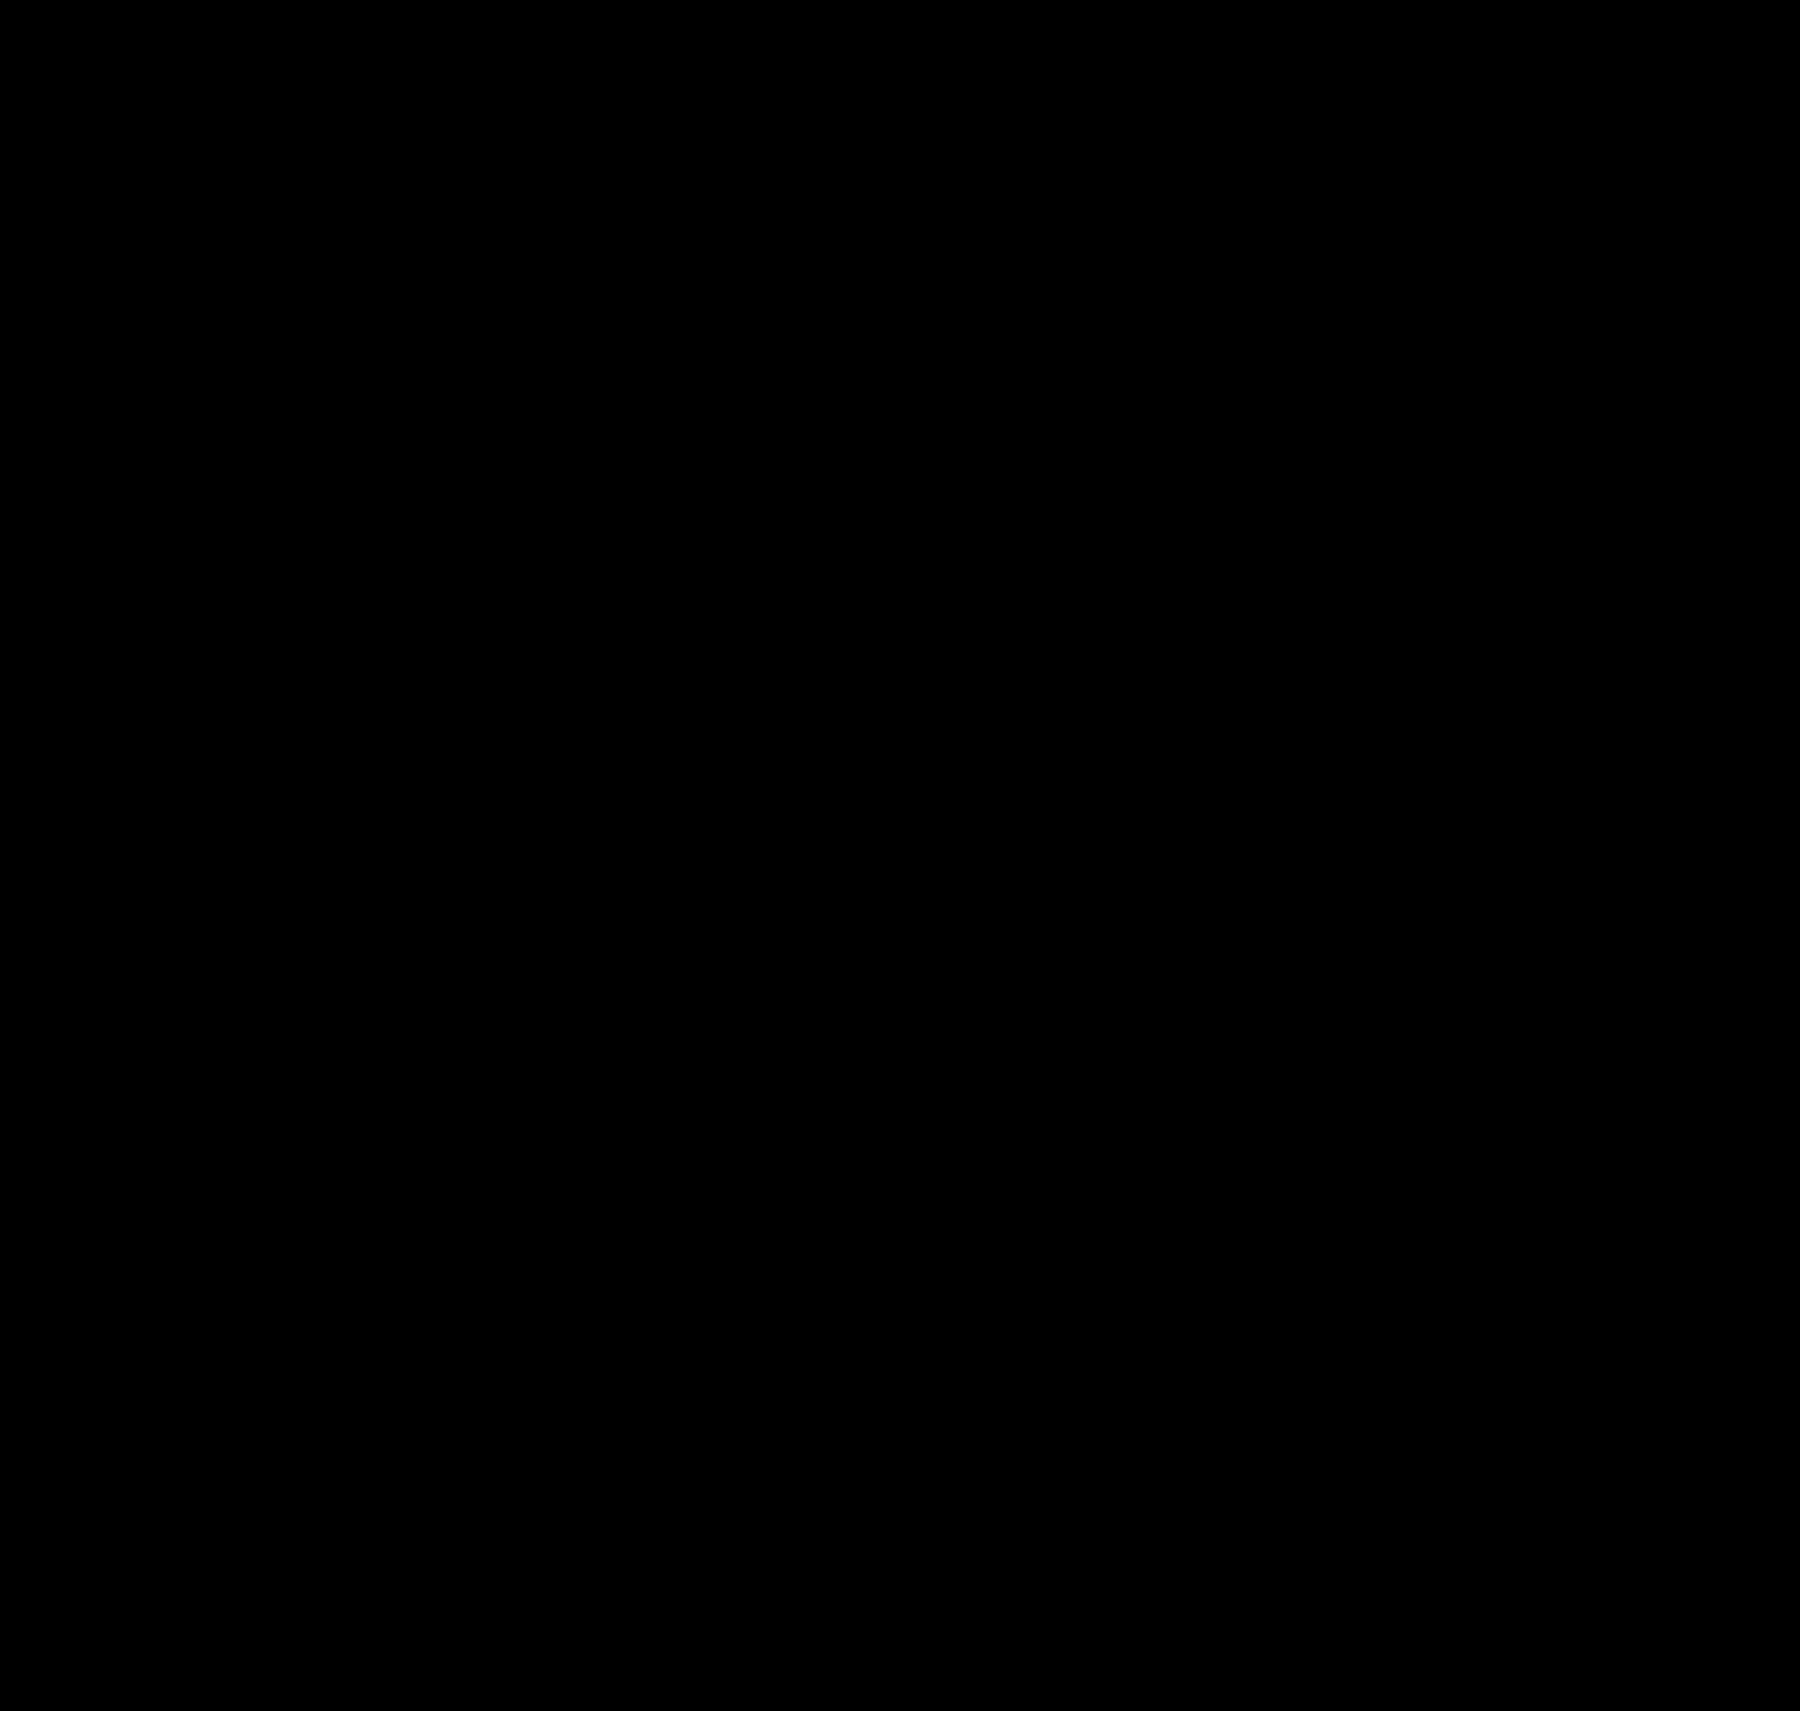 1800x1711 Military Logos Vector